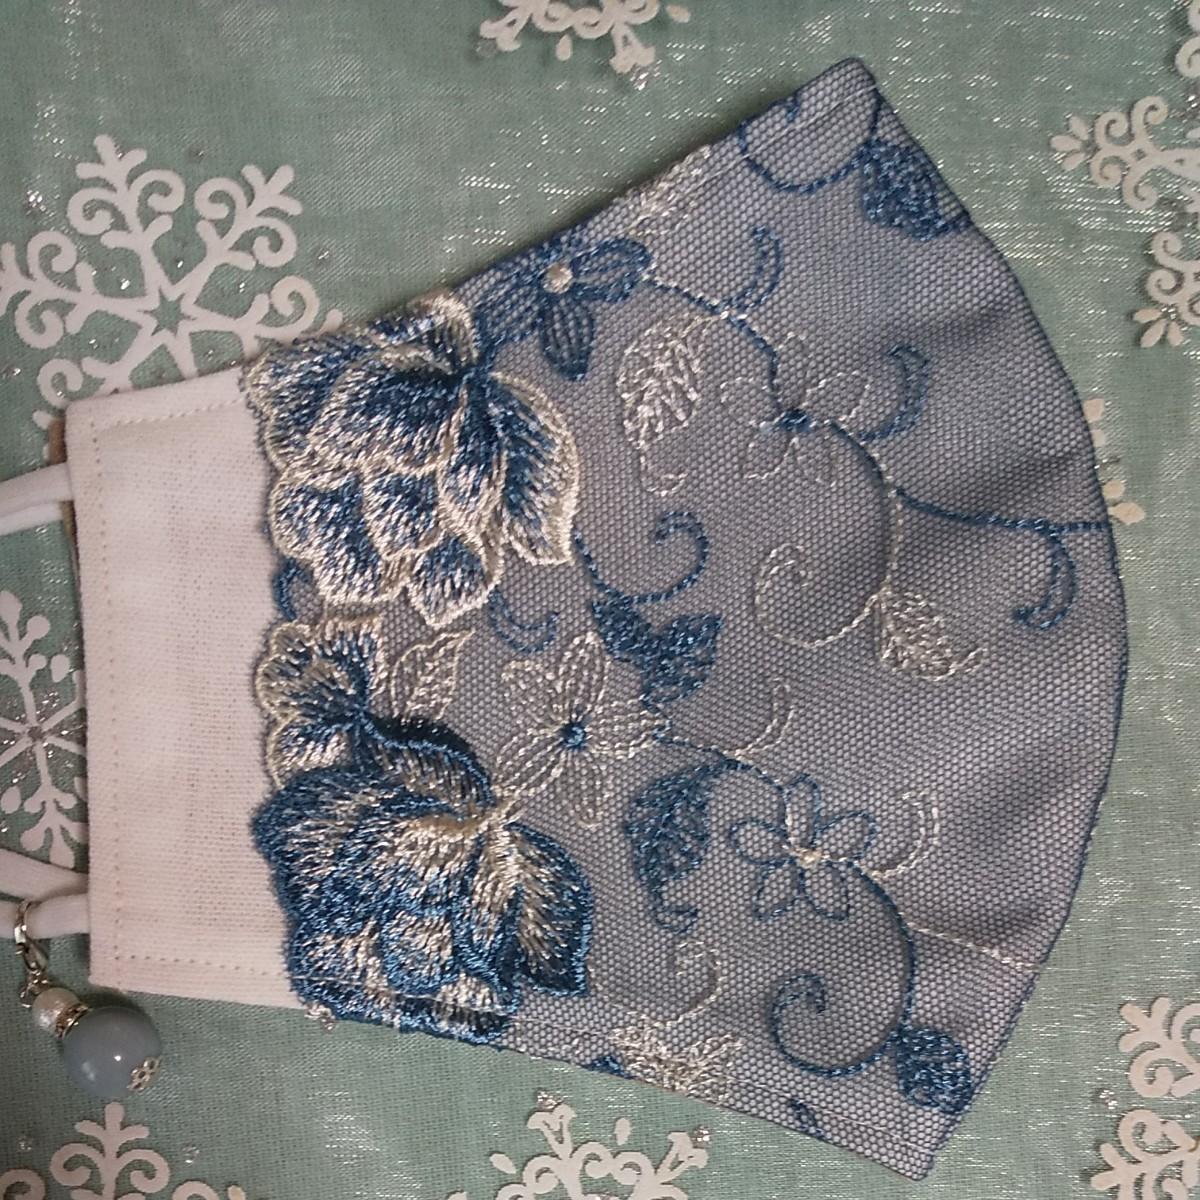 立体インナーハンドメイド、綿麻、ガーゼ、チュール刺繍レース(ホワイト×藍色×花柄)(普通サイズ)アジャスター付、チャーム付